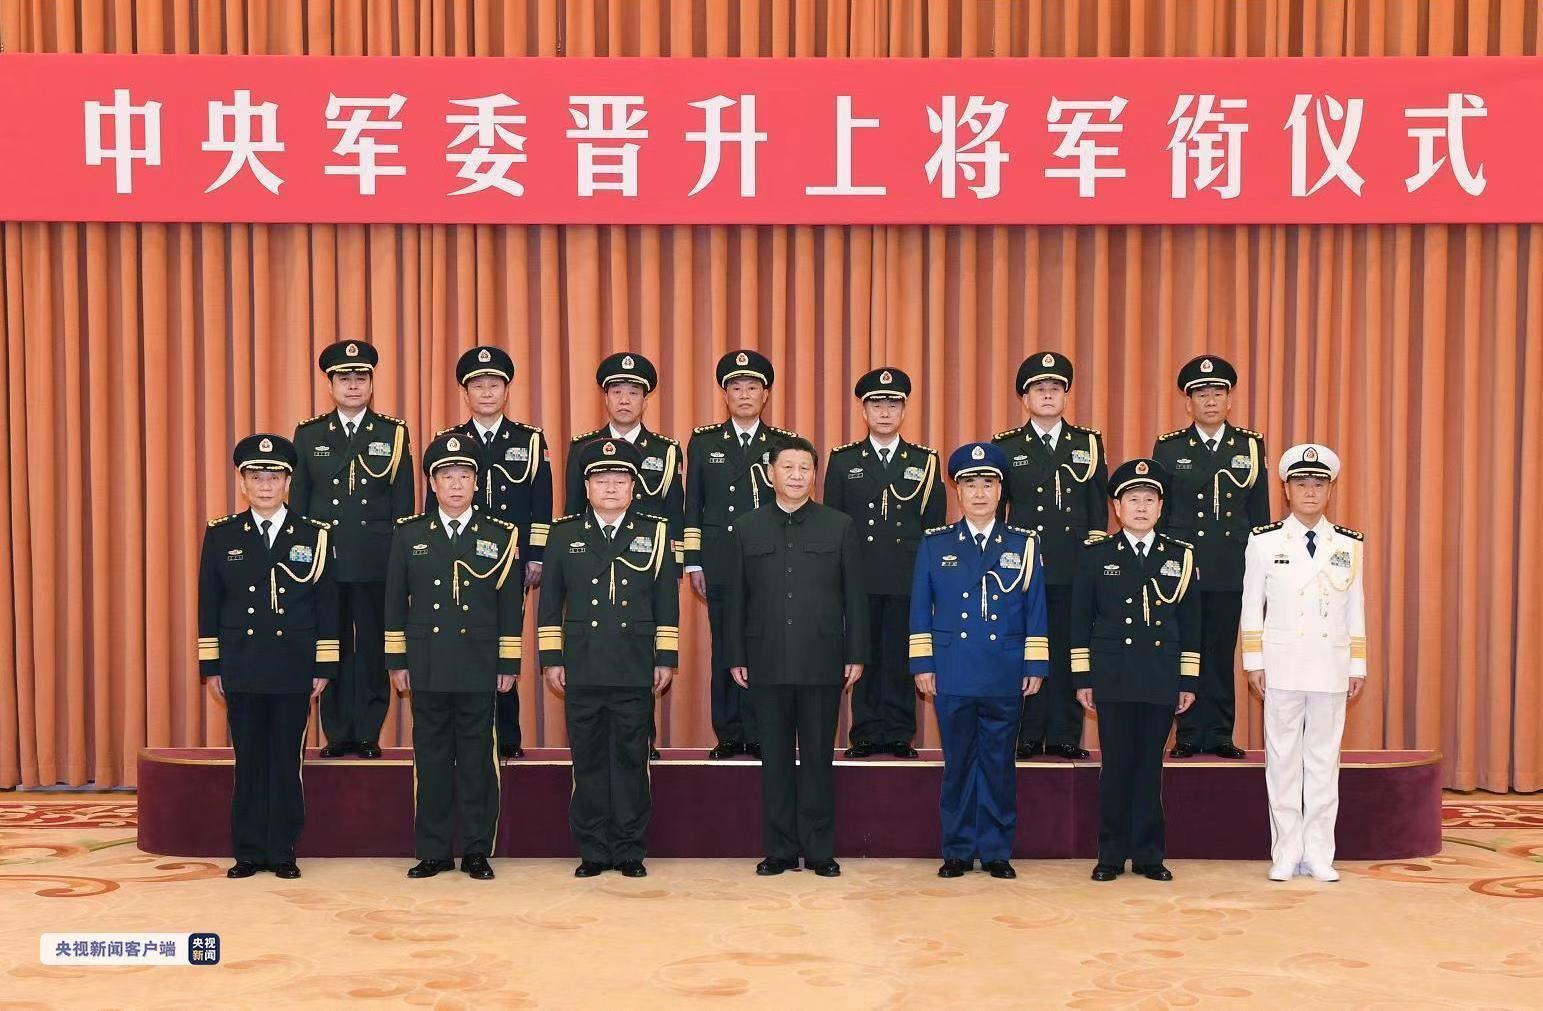 晋升上将军衔的7位军官,都是谁?